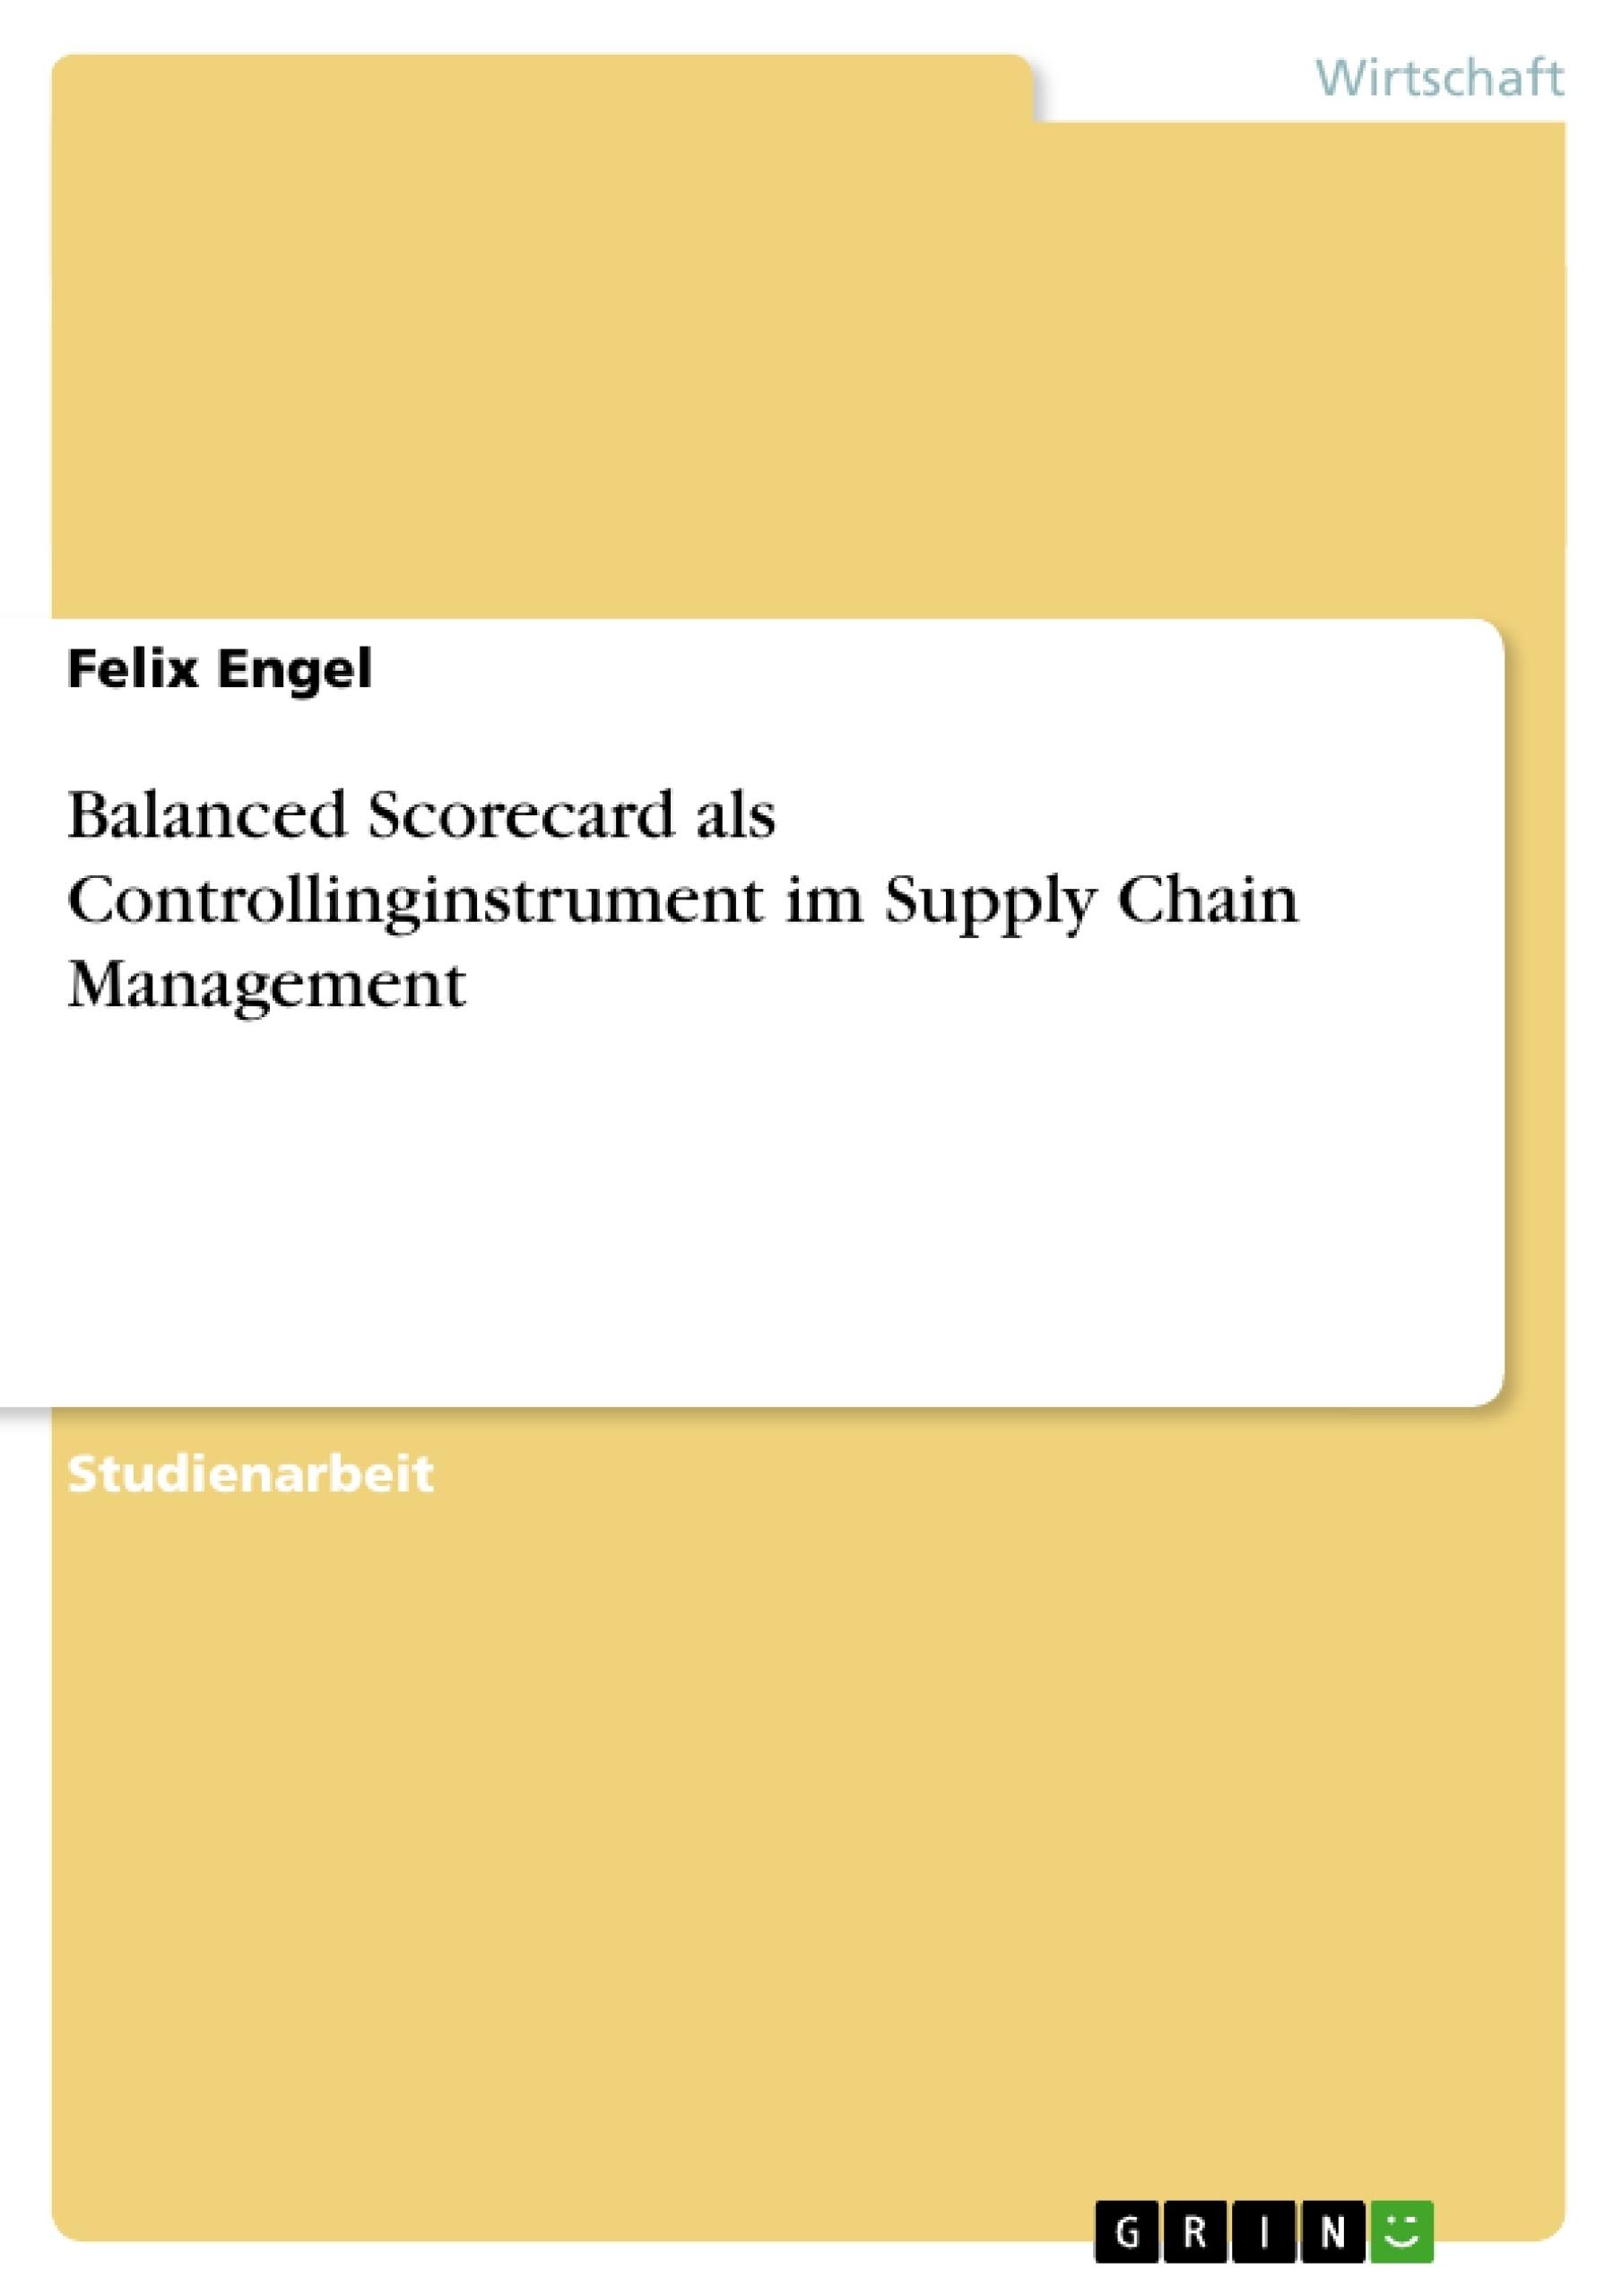 Titel: Balanced Scorecard als Controllinginstrument im Supply Chain Management